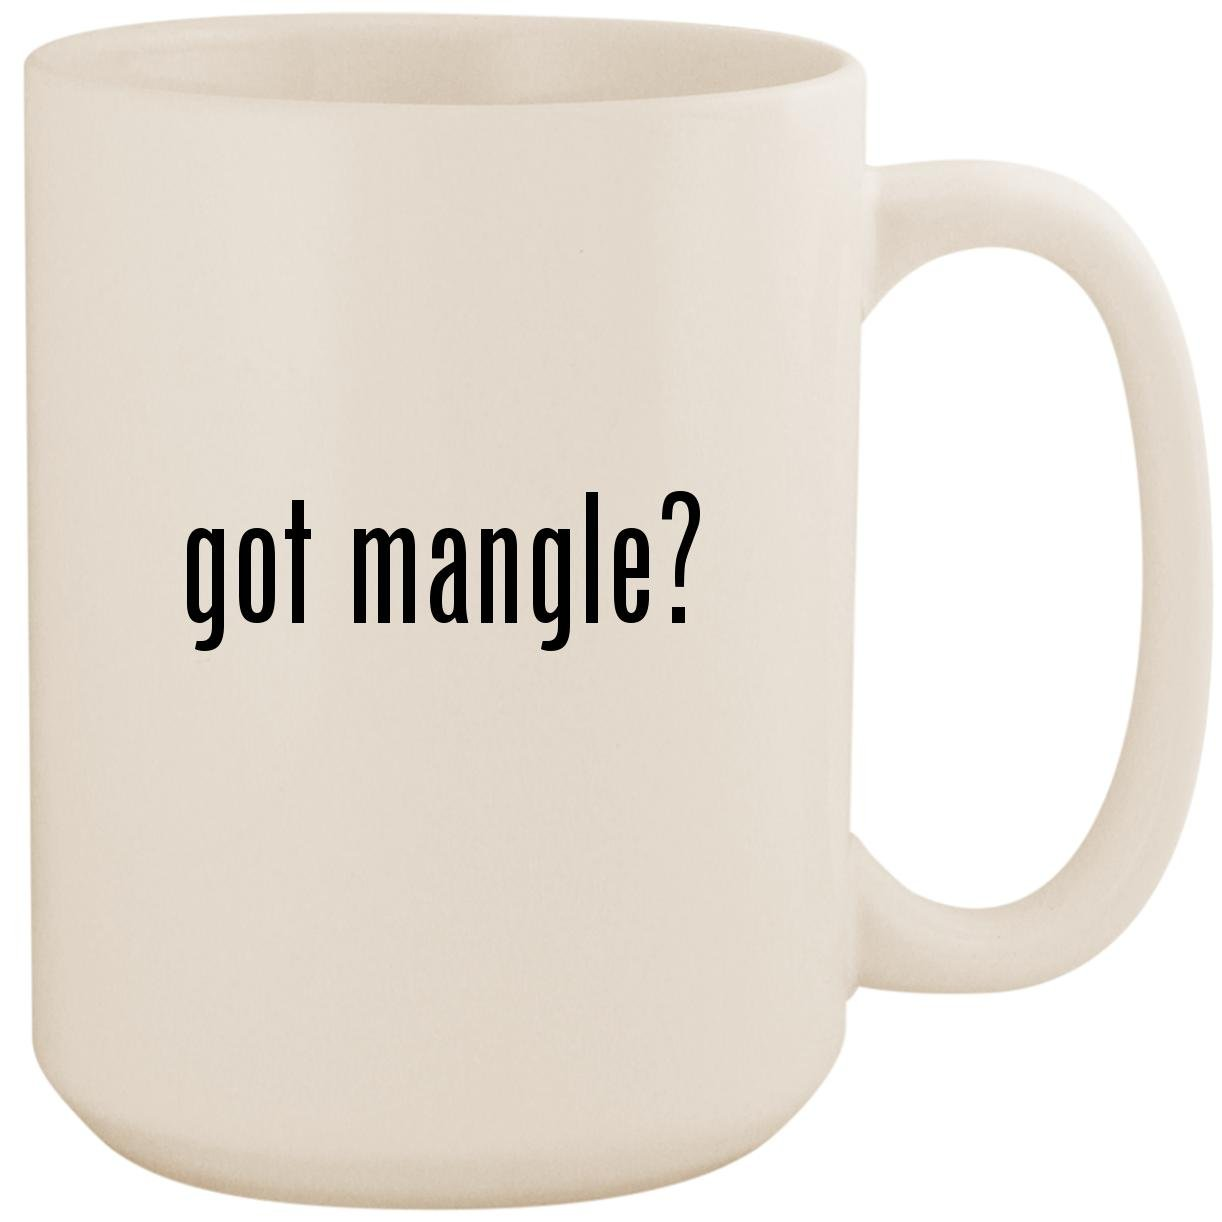 大きな取引 Got B07421X87V Got – Mangle – ホワイト425セラミックコーヒーマグカップ B07421X87V, bambooleaf.:1e822ca4 --- movellplanejado.com.br